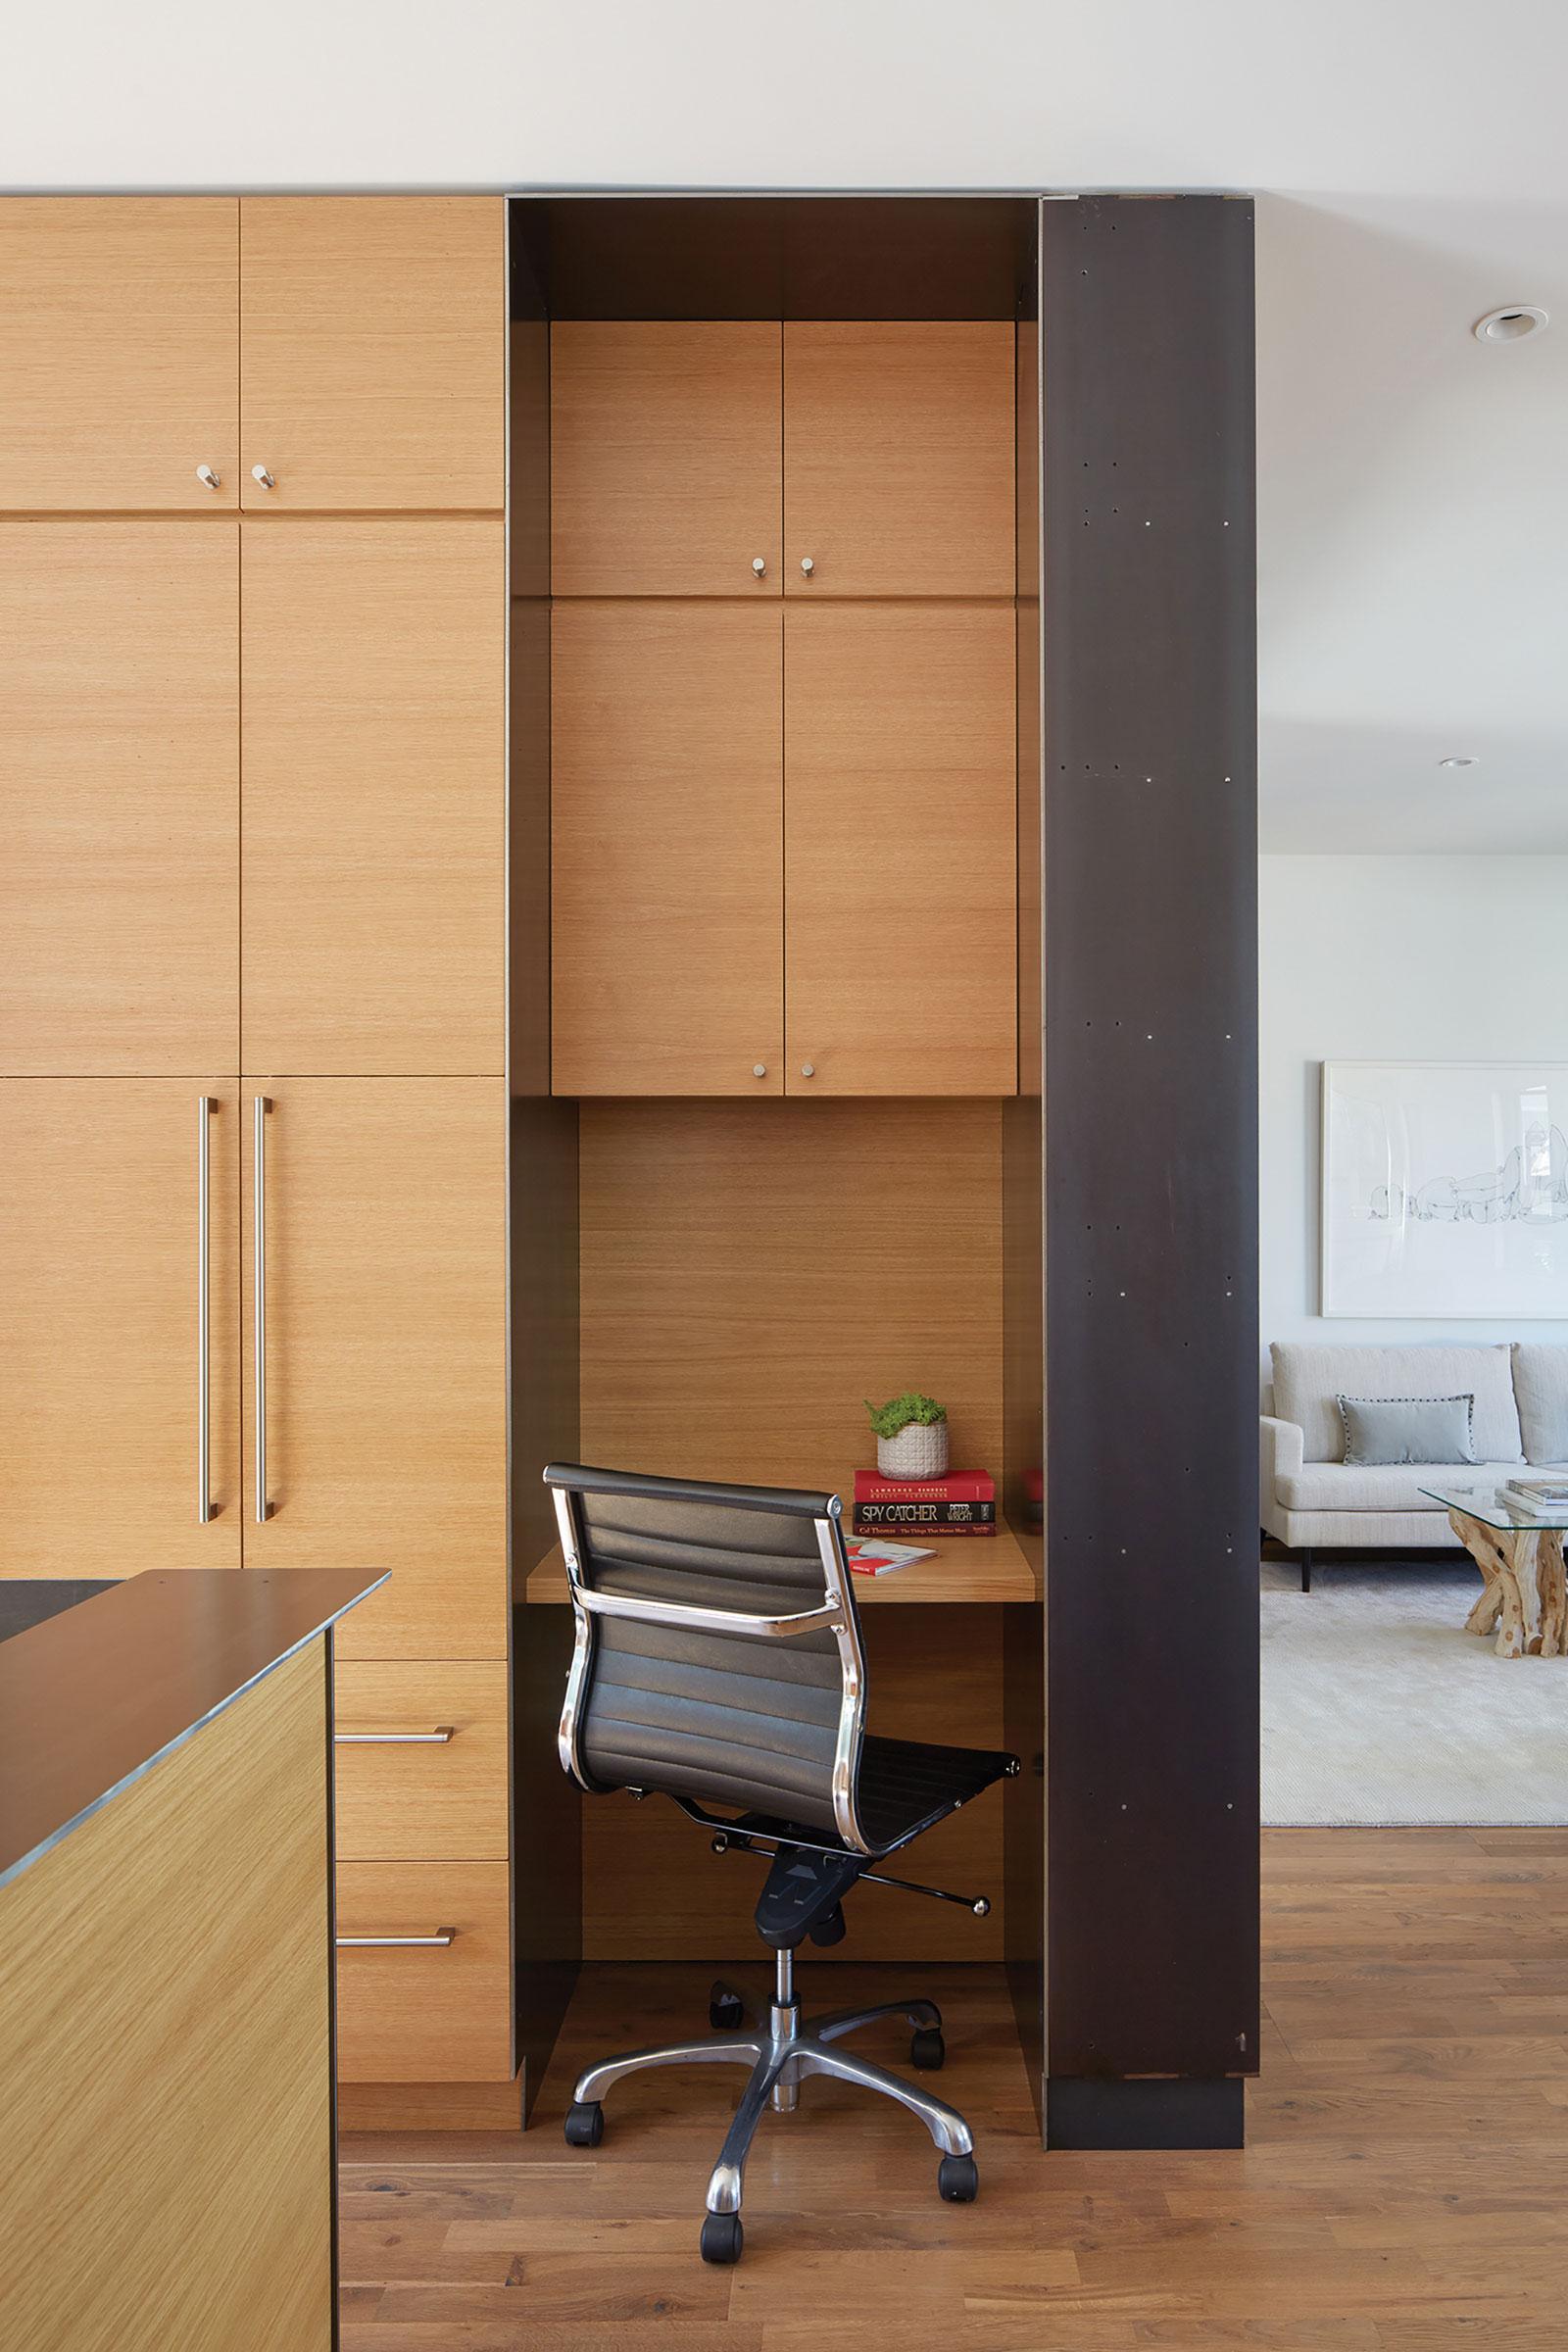 Bright and Elegant Interior Design of Steelhouse 1 plus 2 by Zack de Vito Architecture-10